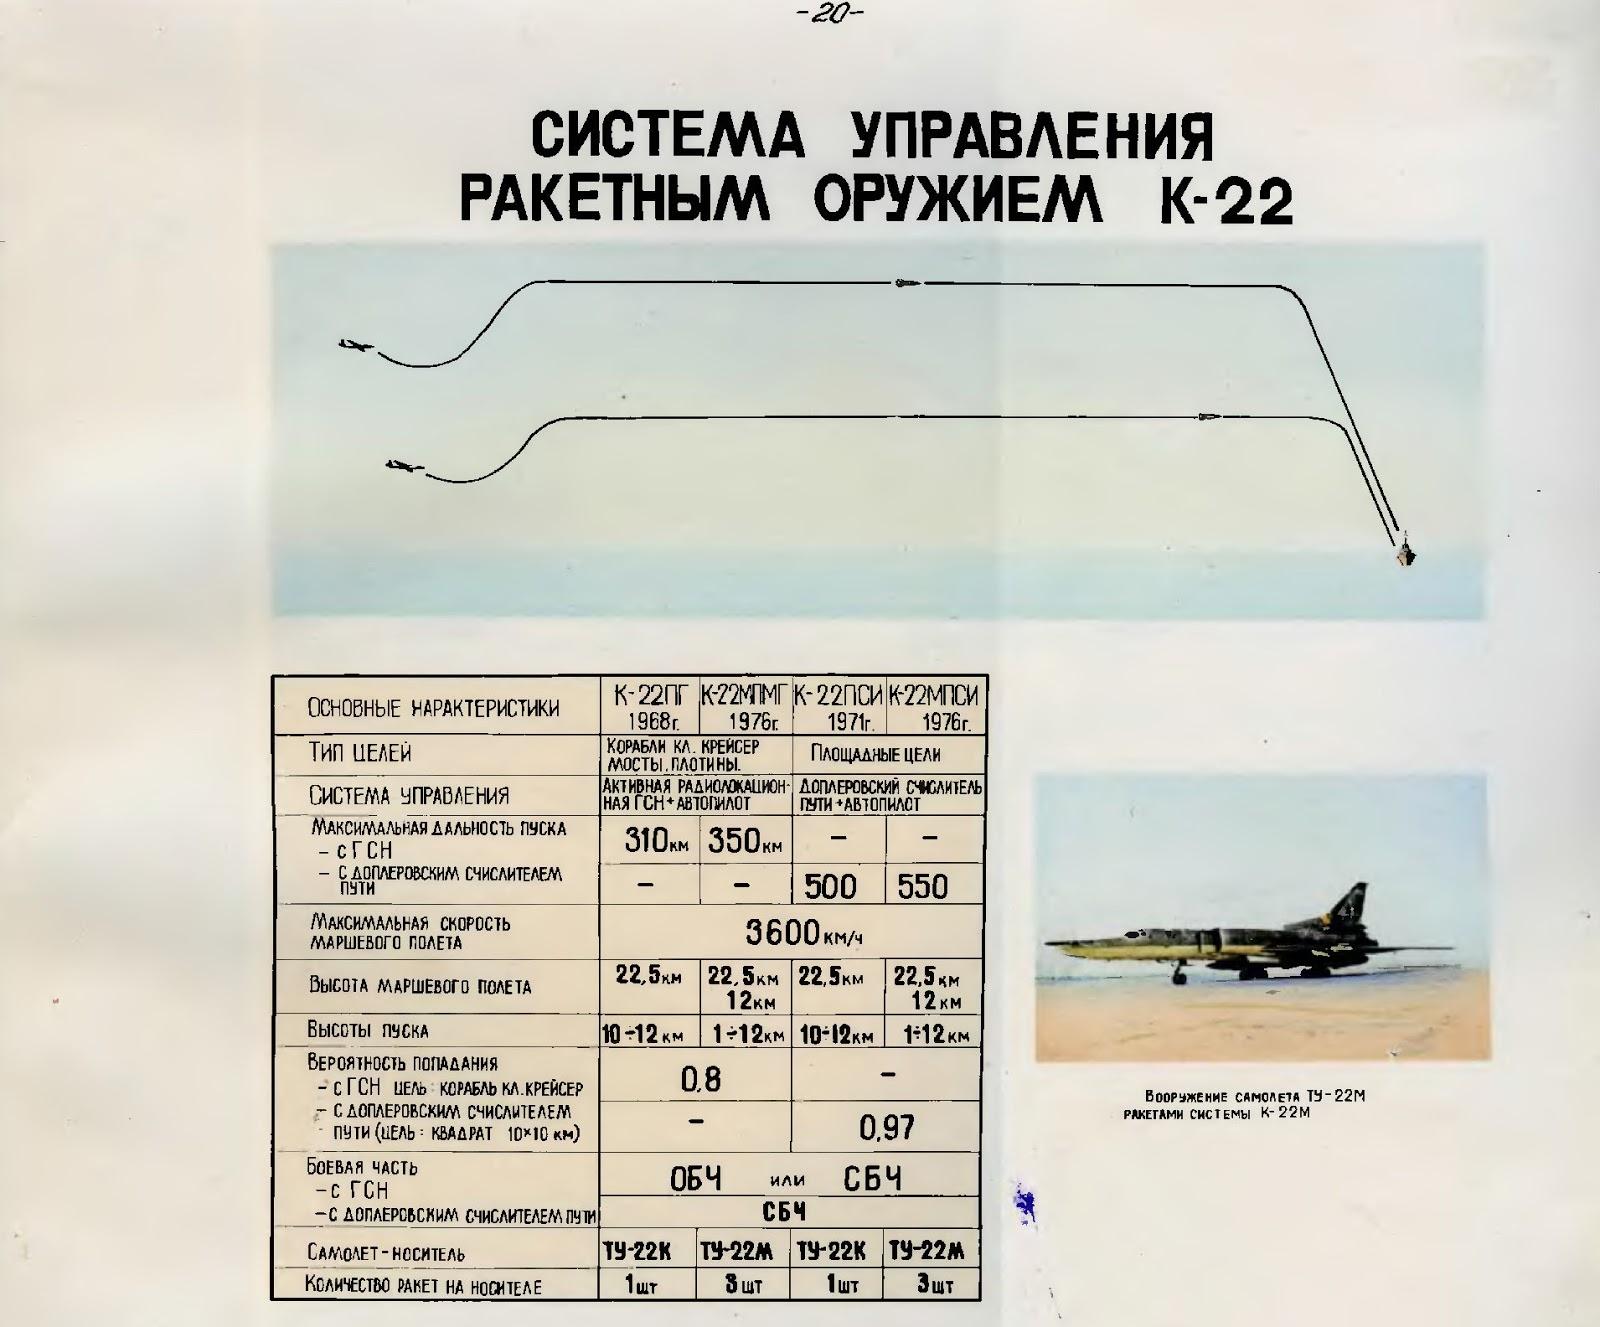 17 апреля 1958 г. началось создание авиационно-ракетной системы К-22